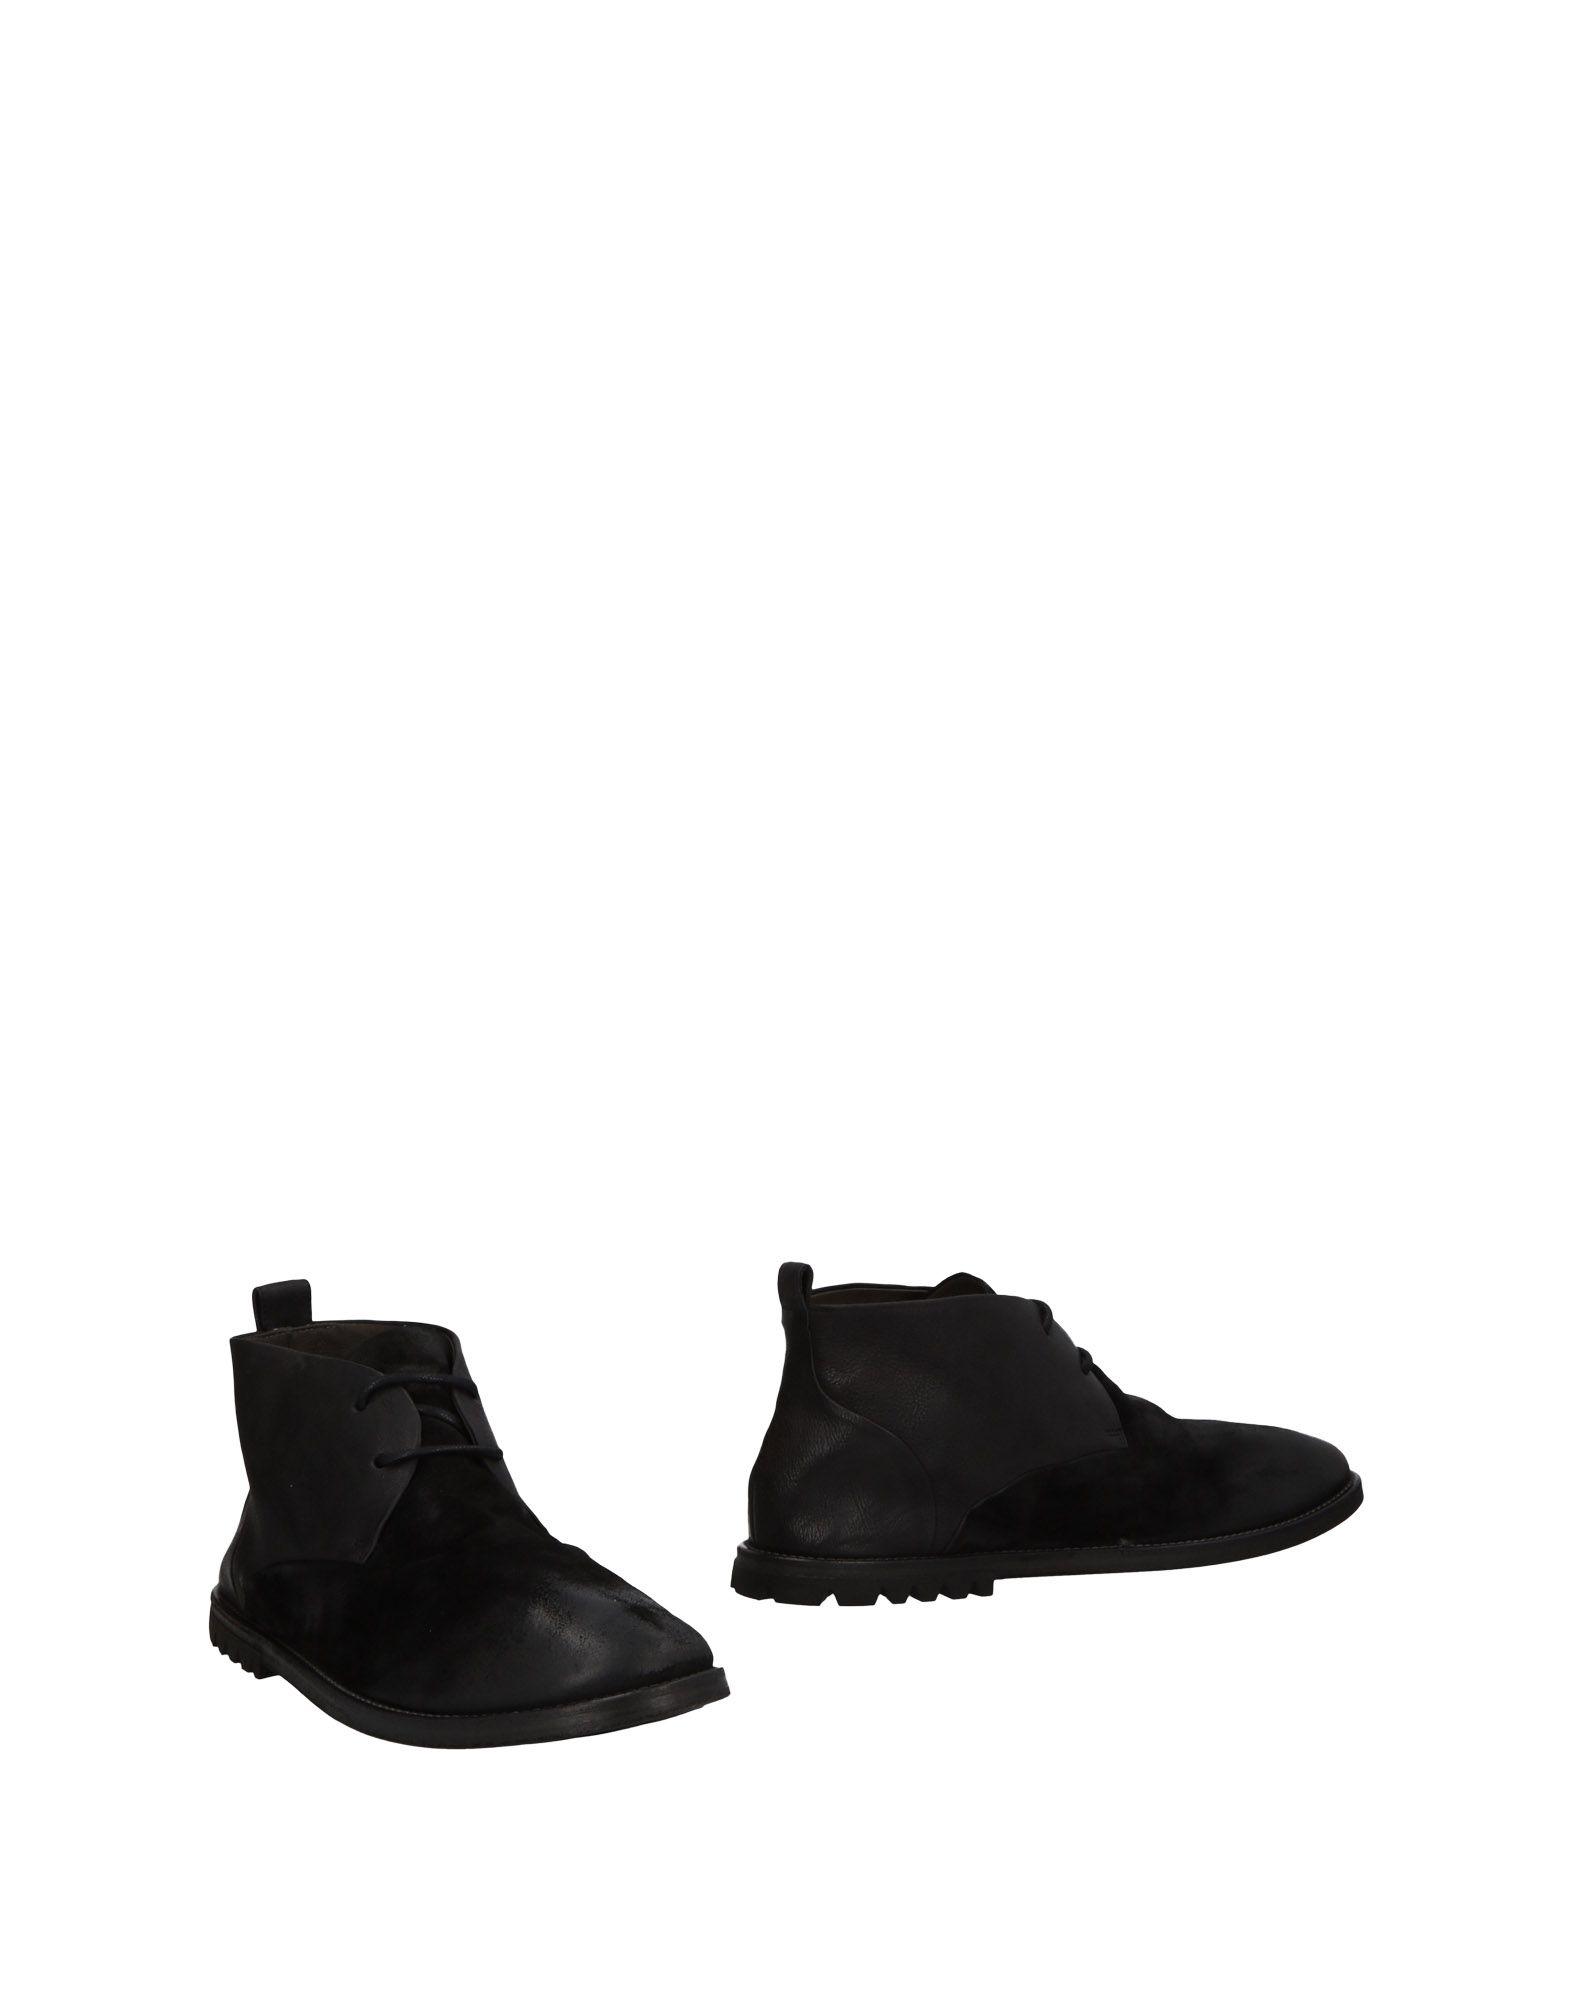 Marsèll Stiefelette Herren Herren Herren  11476176ED Gute Qualität beliebte Schuhe 75a2ad